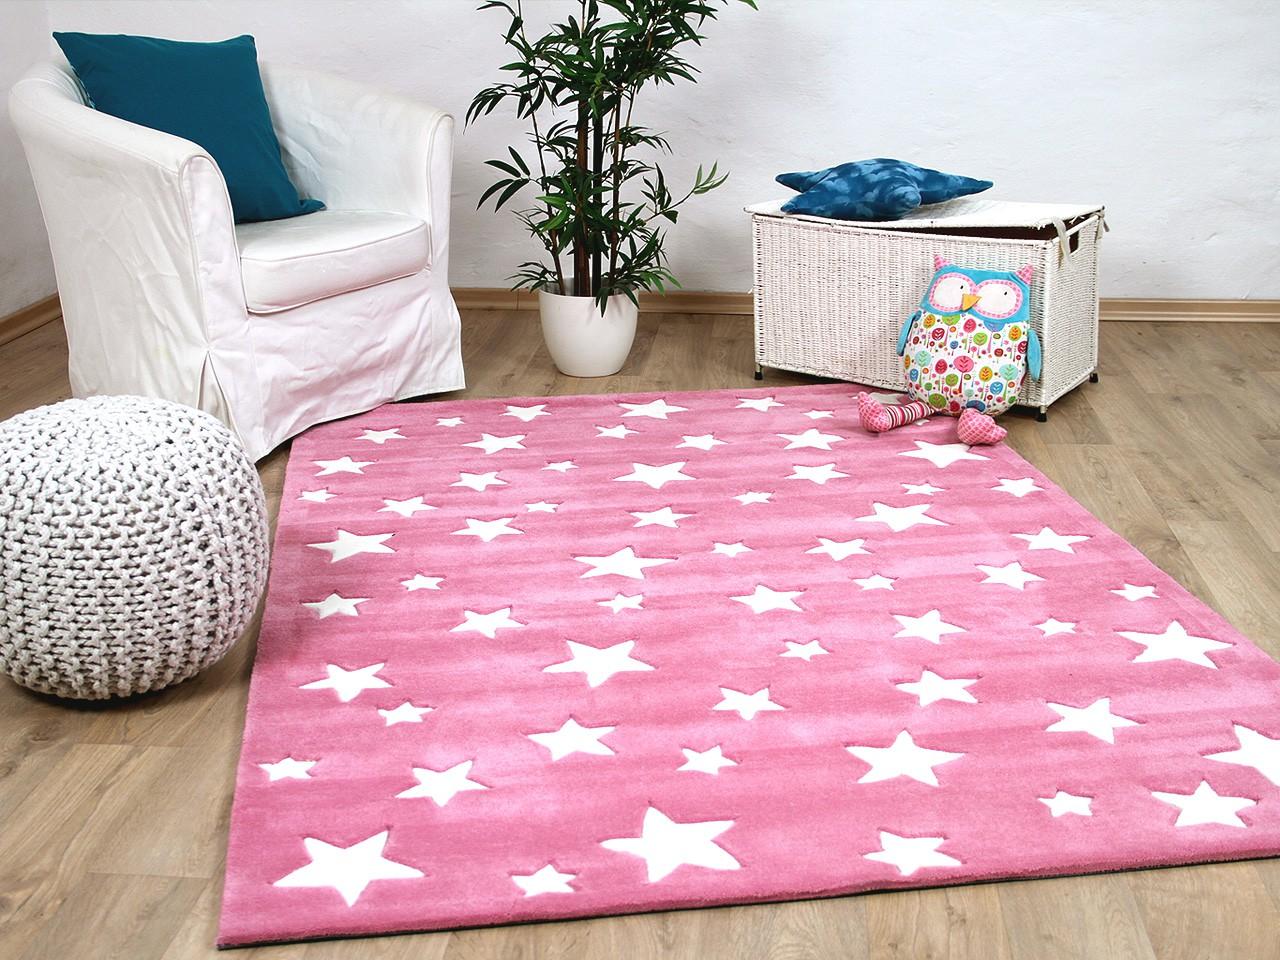 Kinderteppich grün rosa  Bei teppichversand24 günstige Kinderteppiche, Spielteppiche für ...